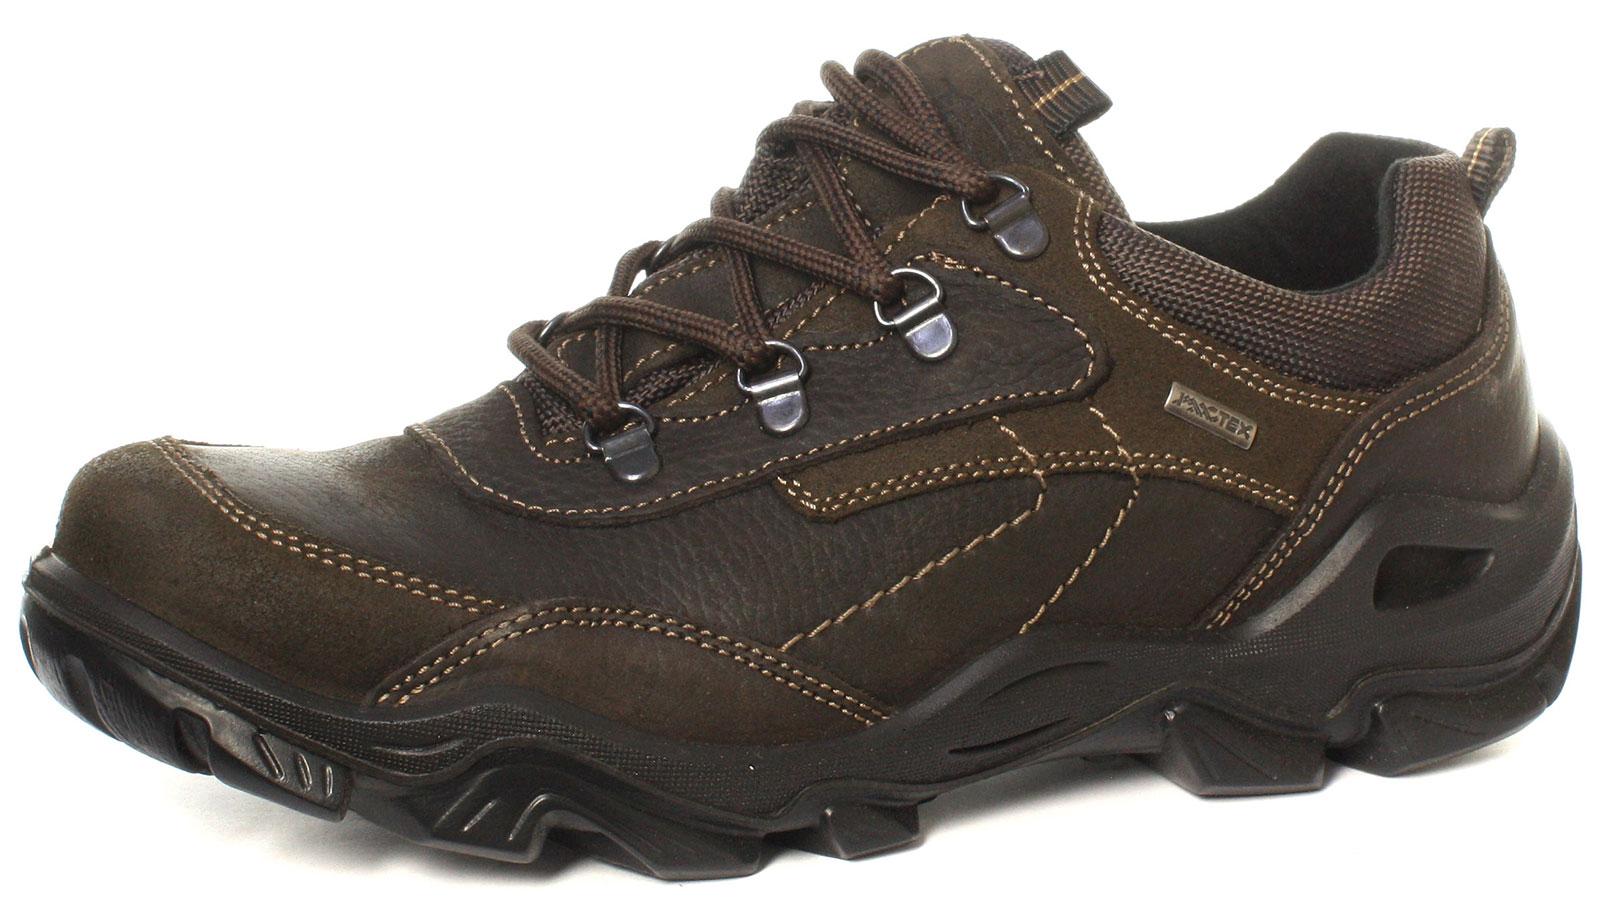 IMAC Sendero M374 Cuero Hombre Hi-Performance Zapatos de Senderismo